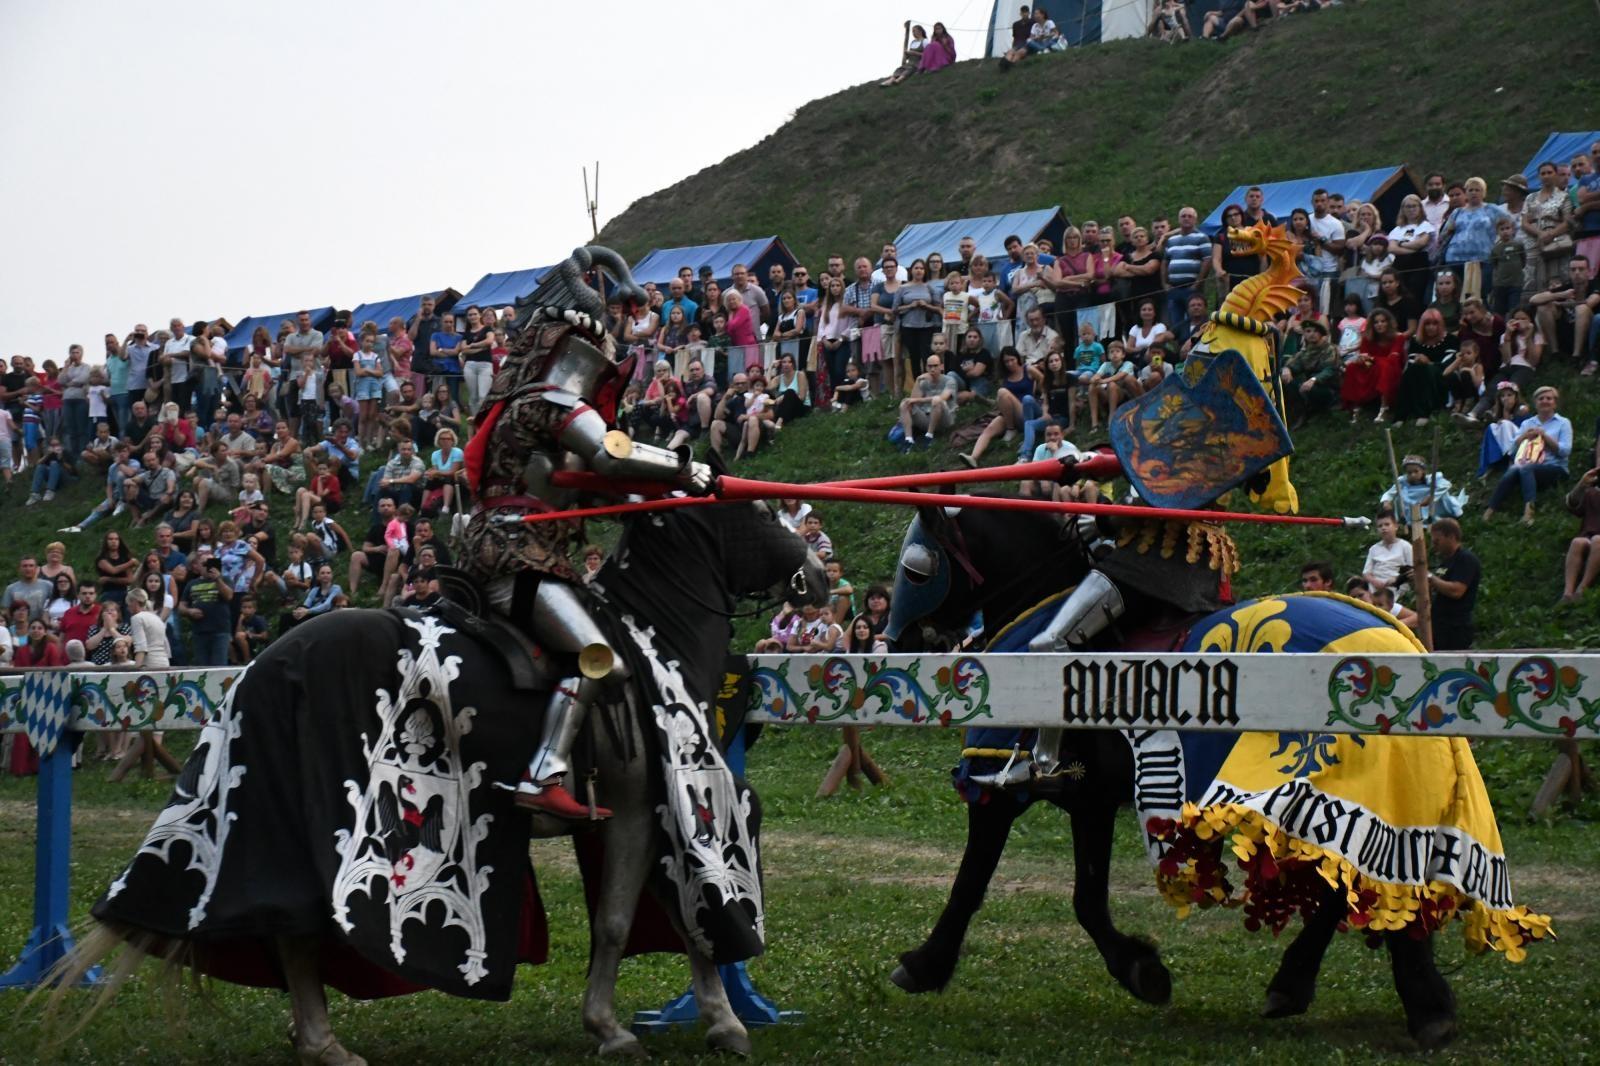 VIDEO: Viteški turnir očarao posjetitelje Renesansnog festivala u Koprivnici